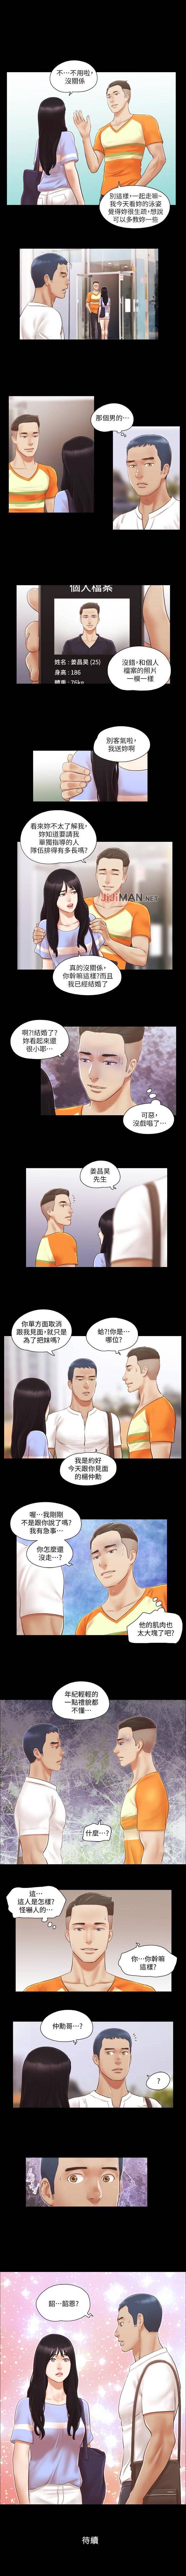 【周五连载】协议换爱(作者:遠德) 第1~57话 62